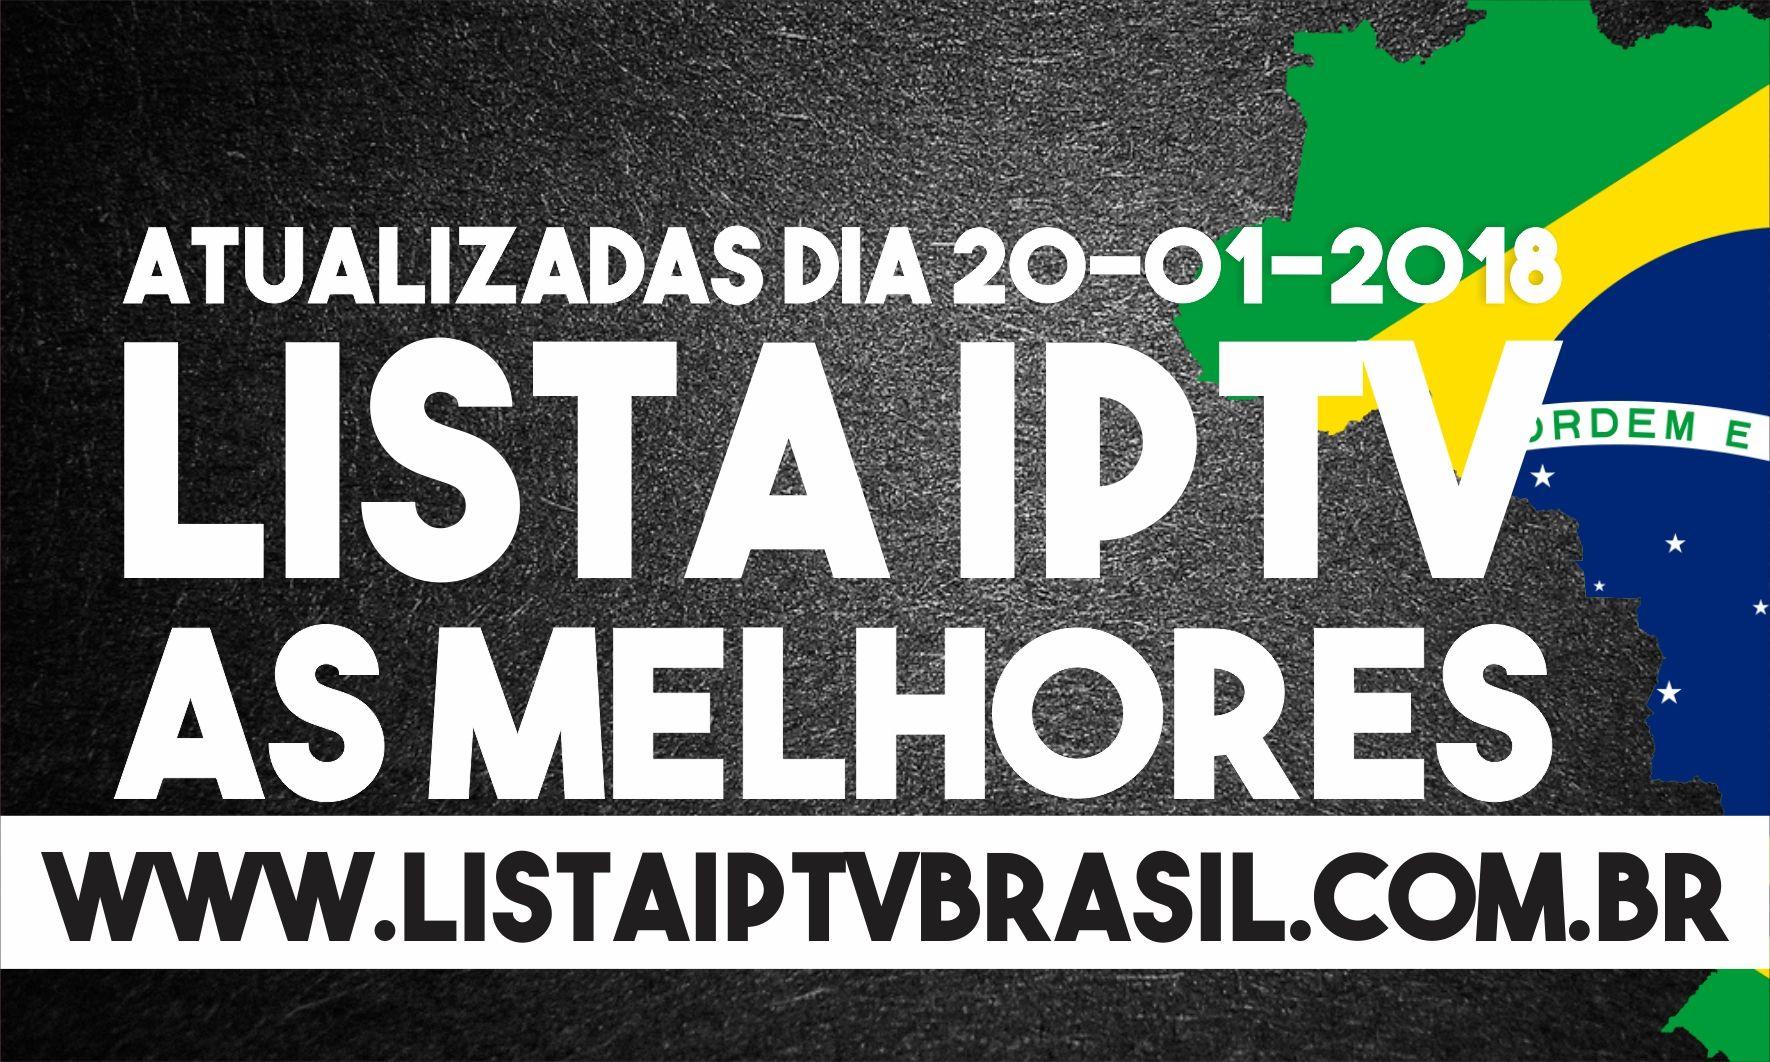 Listas IPTV atualizadas 20/01/2018 – Listas para PERFECT